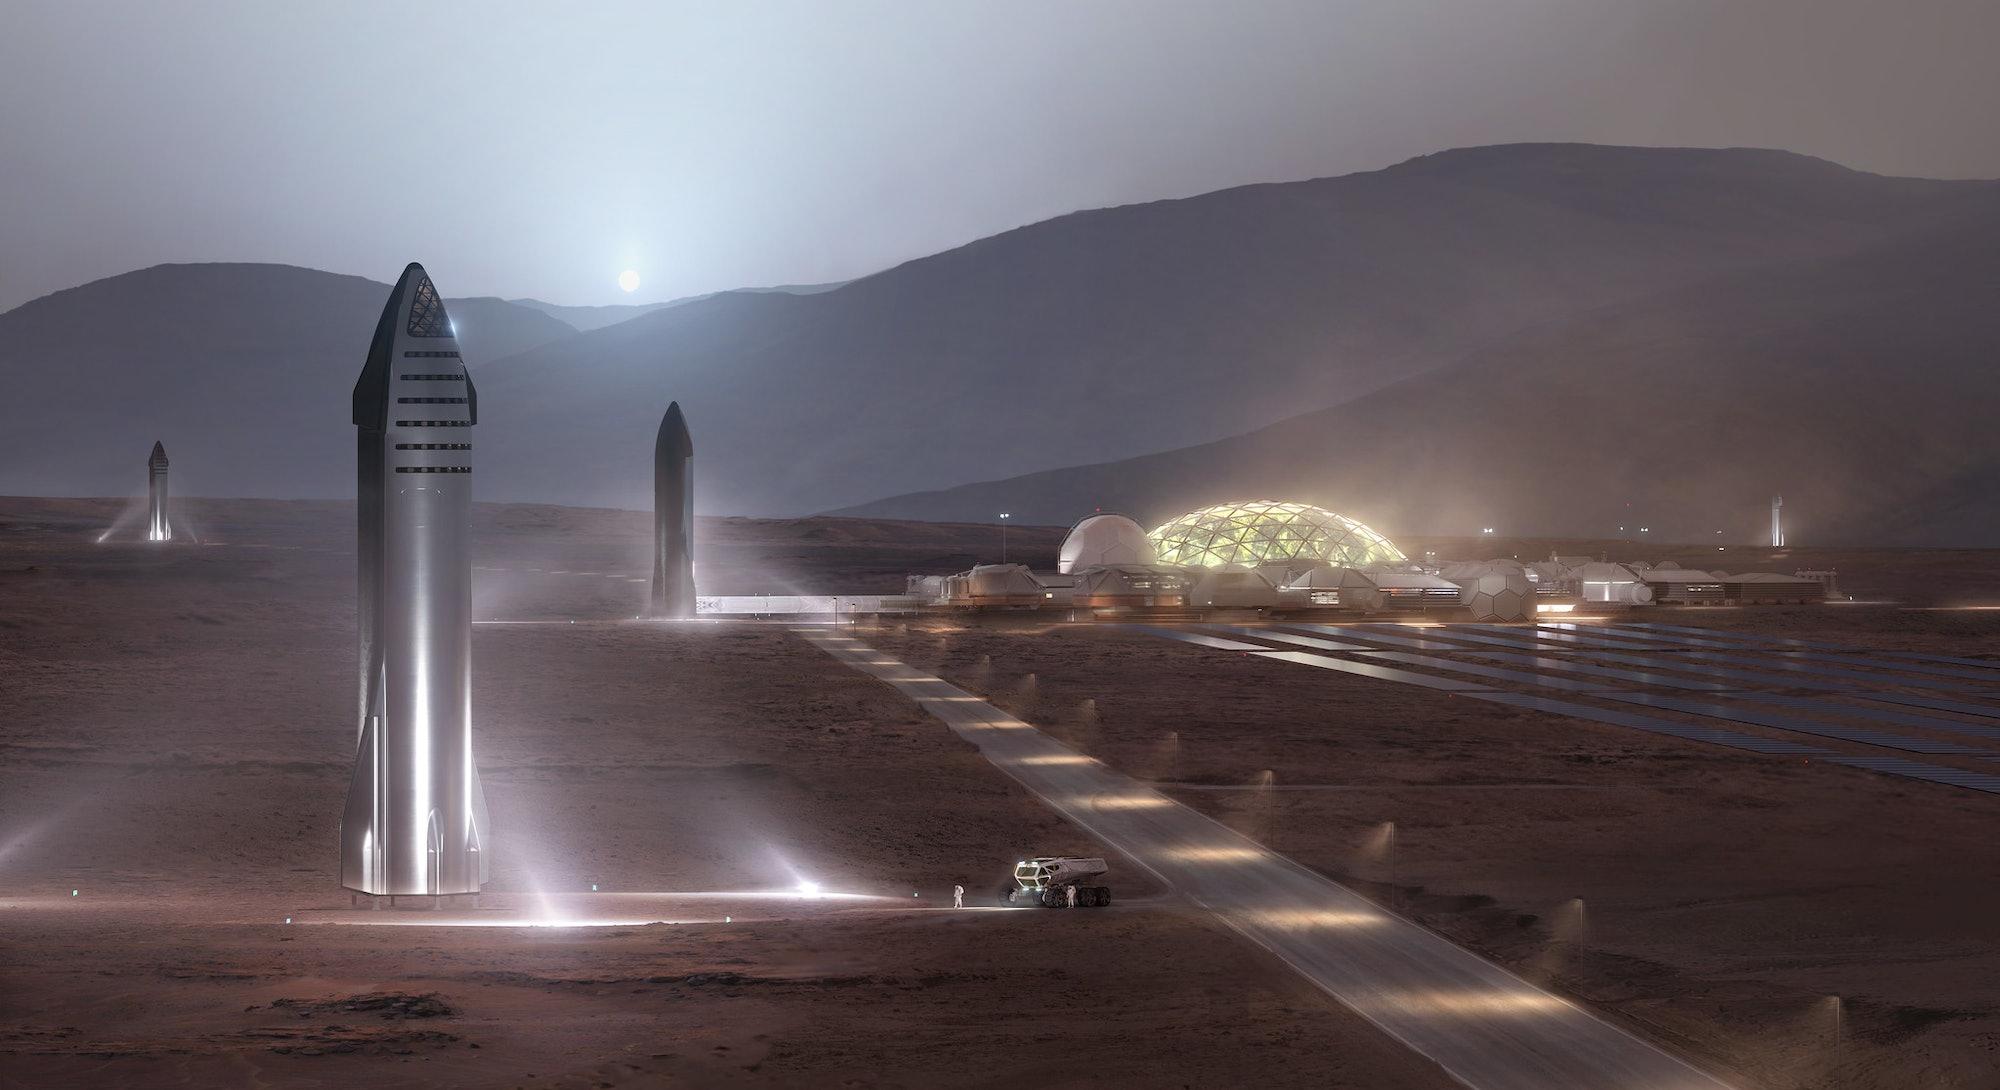 spacex starship elon musk